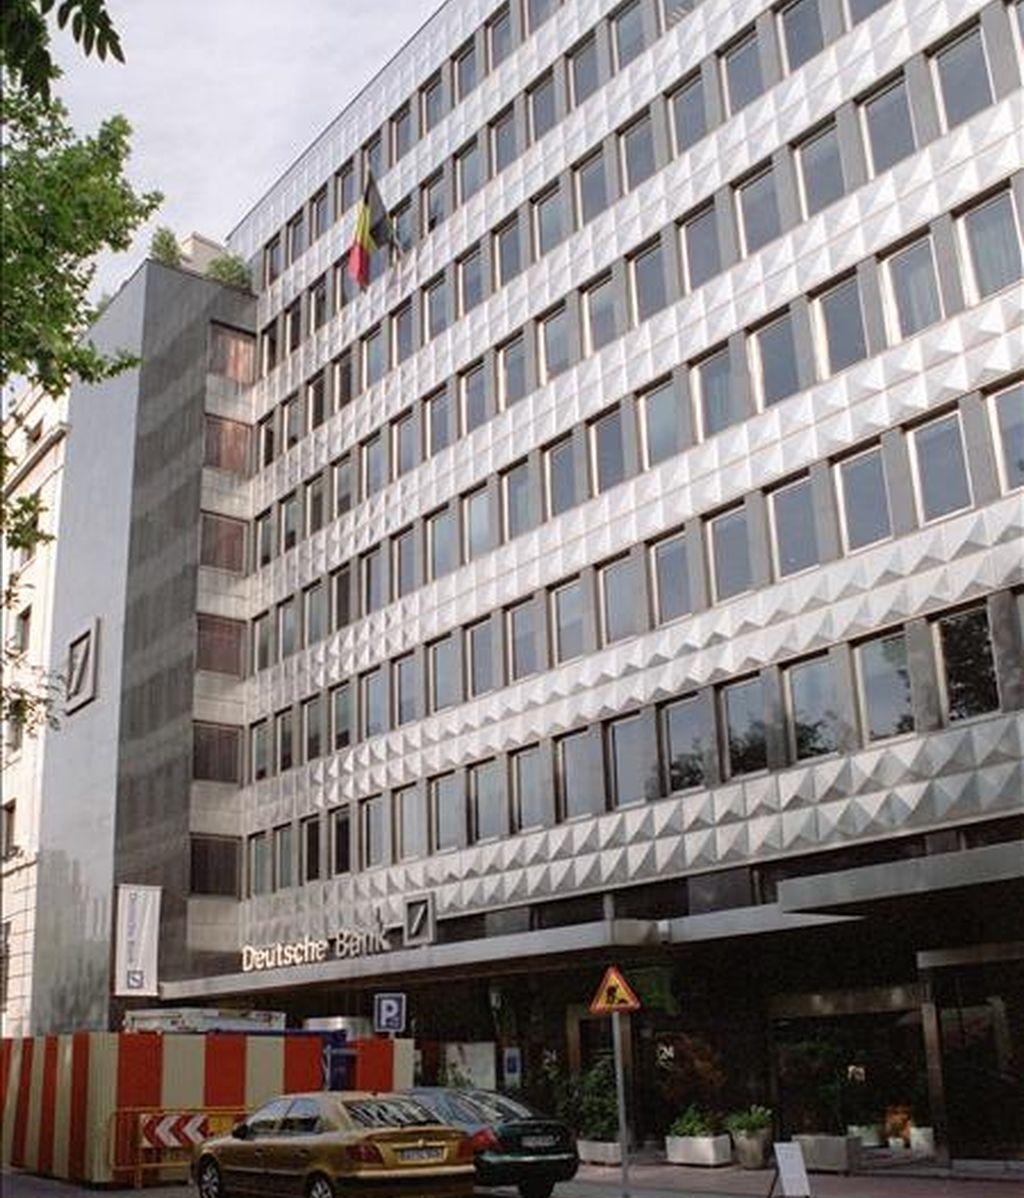 Sede de la entidad Deutsche Bank en Madrid. EFE/Archivo